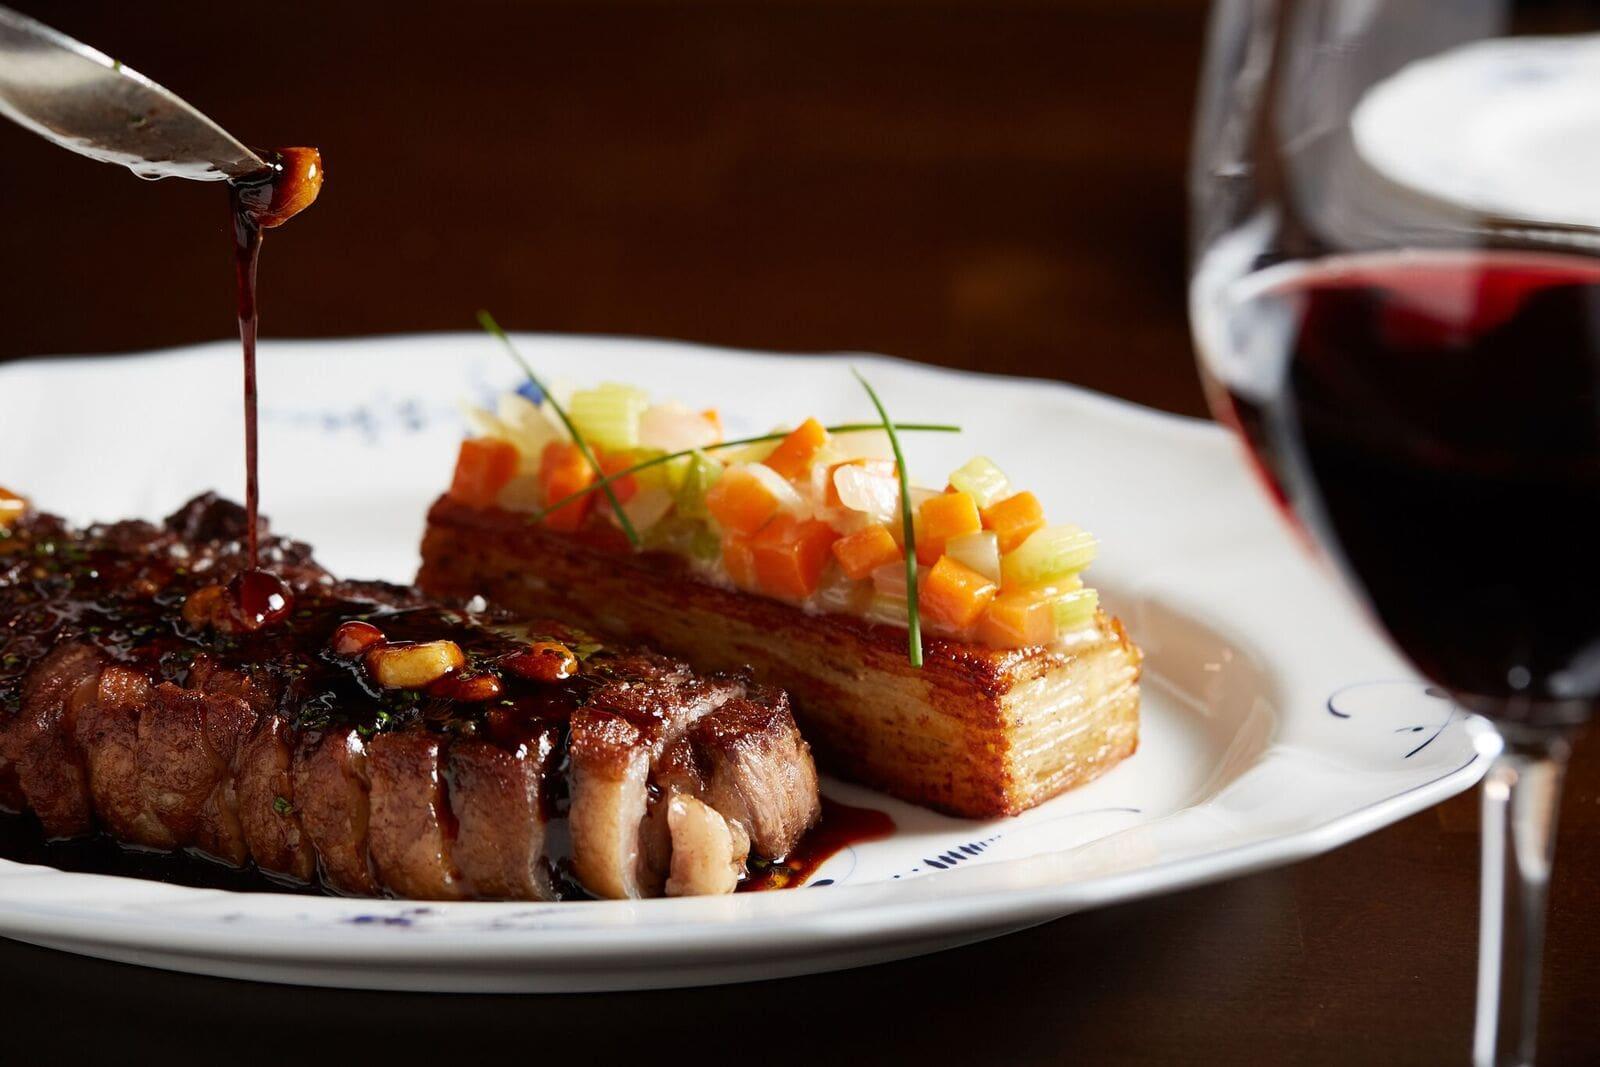 24Beacon_Dinner_Steak_051216_HugeGaldones-min.jpg